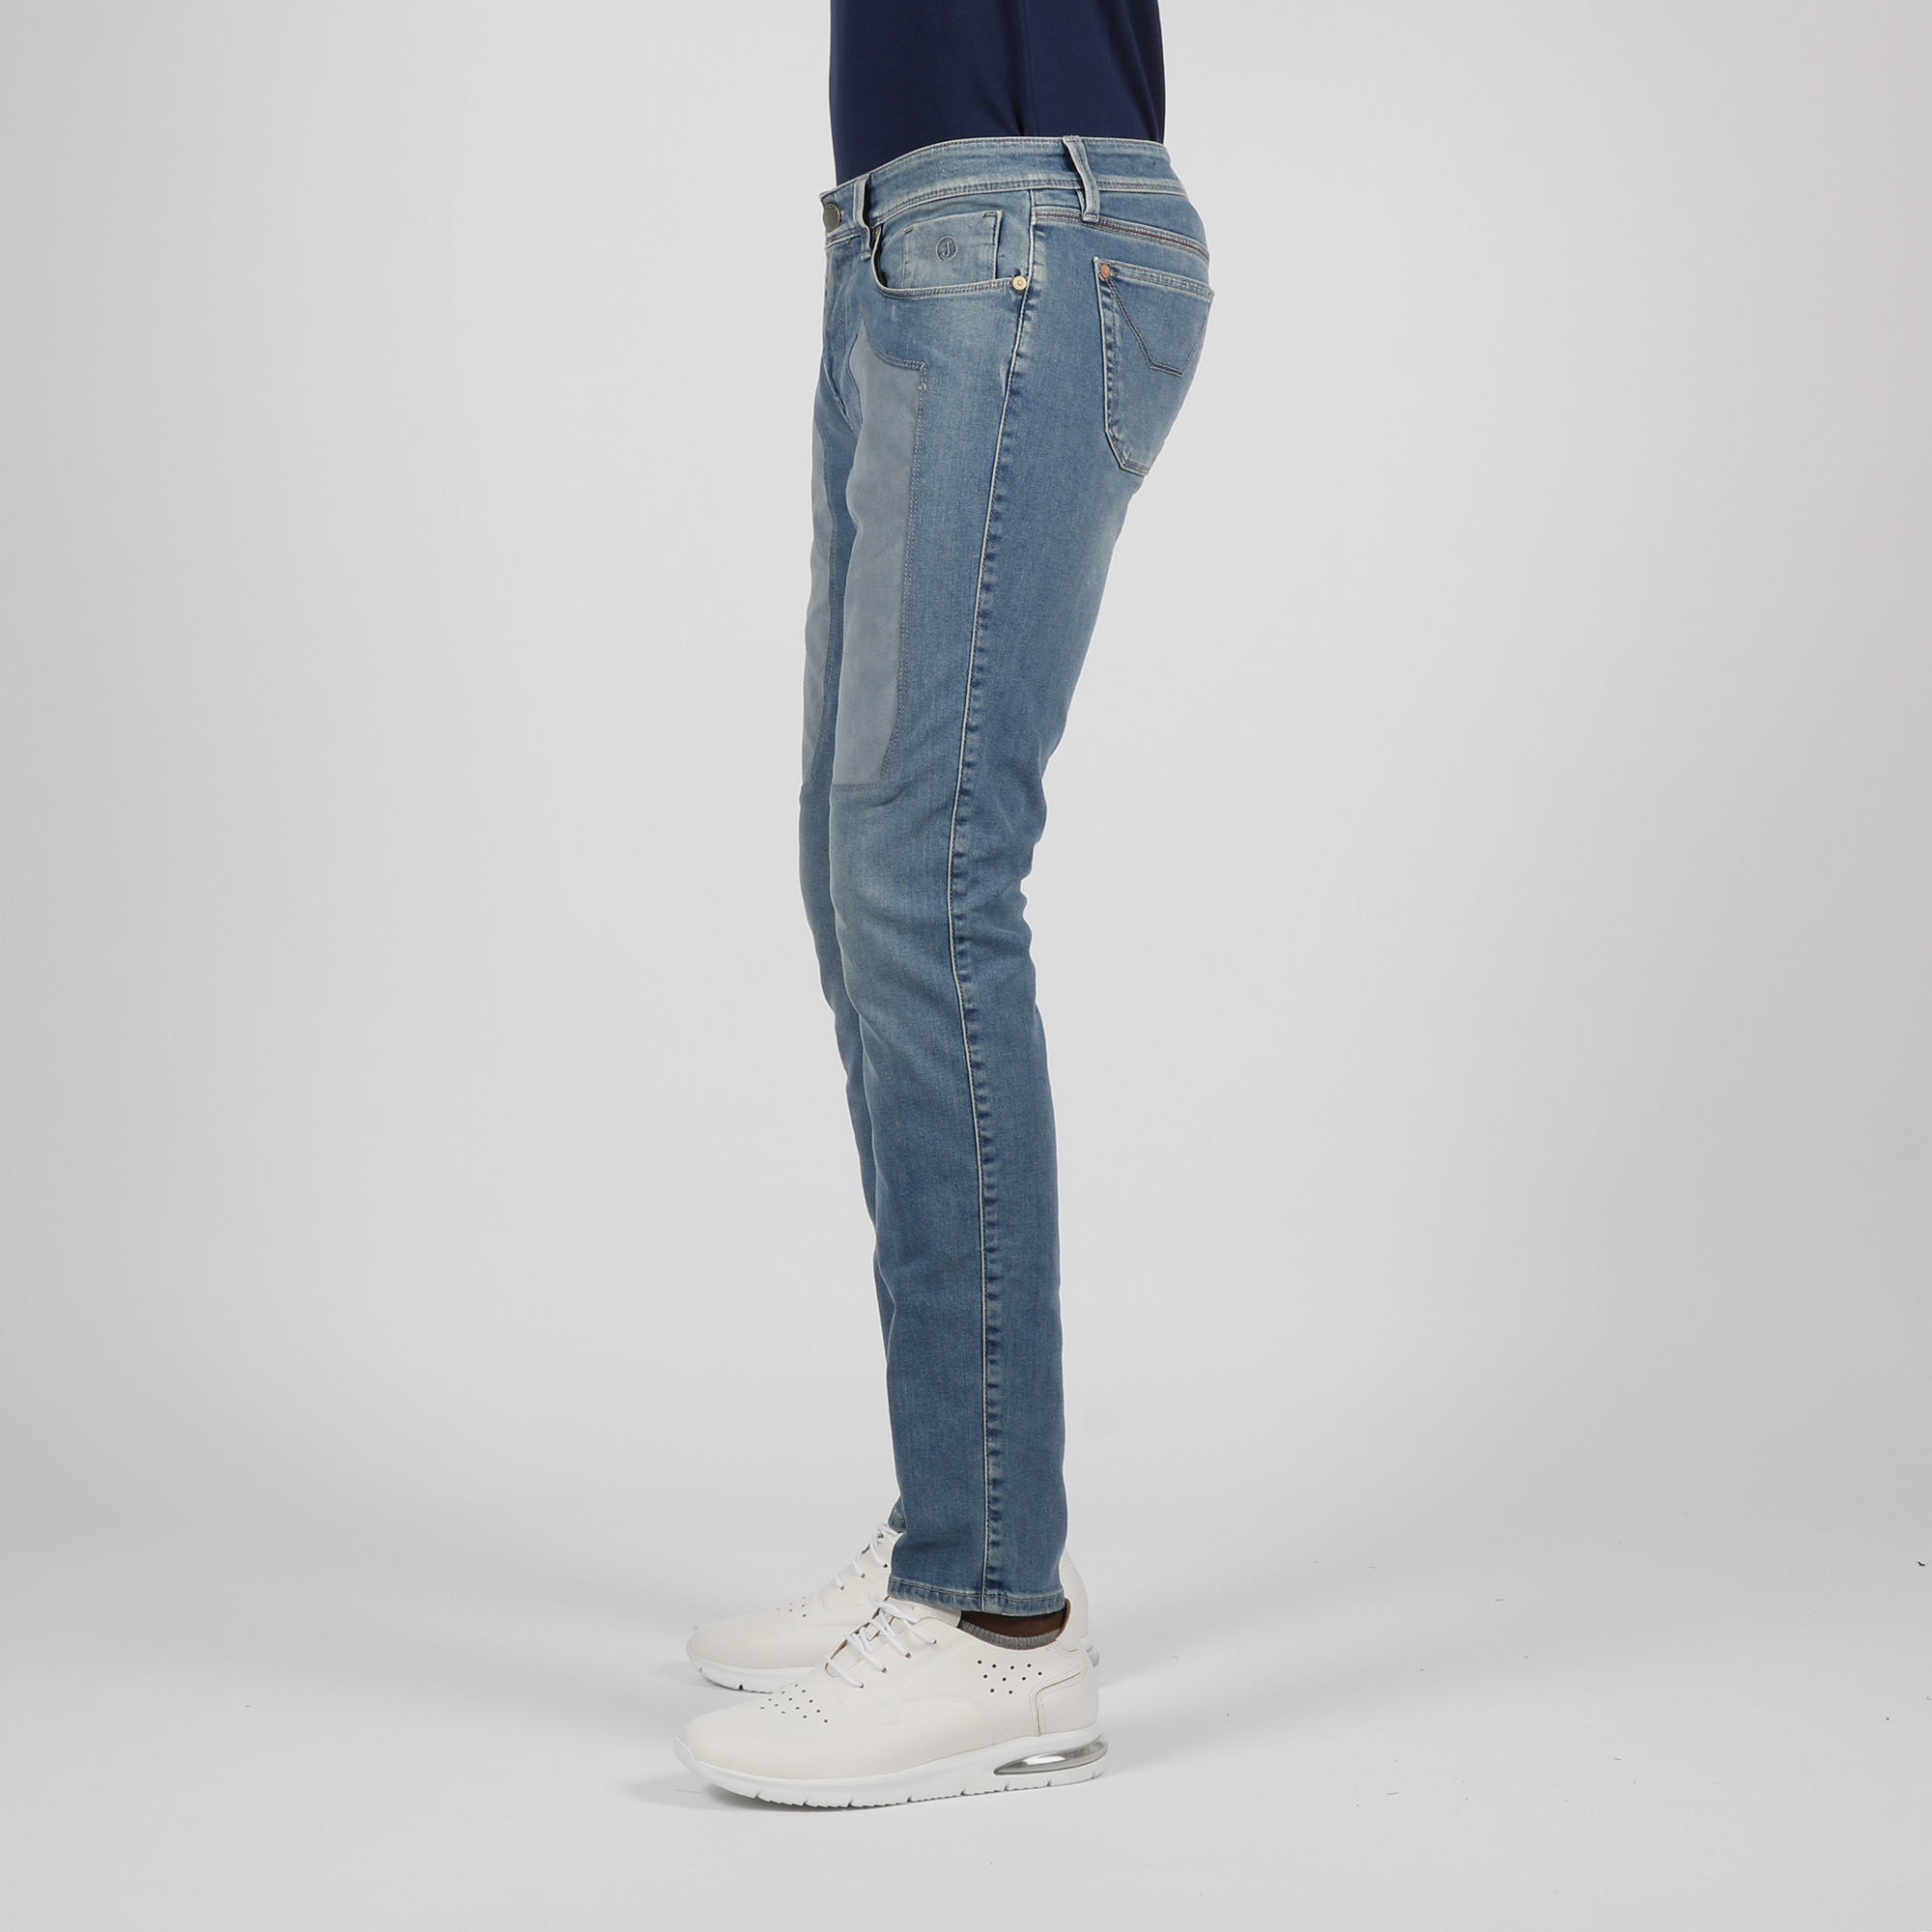 Jeans toppa alcantara - Denim chiaro